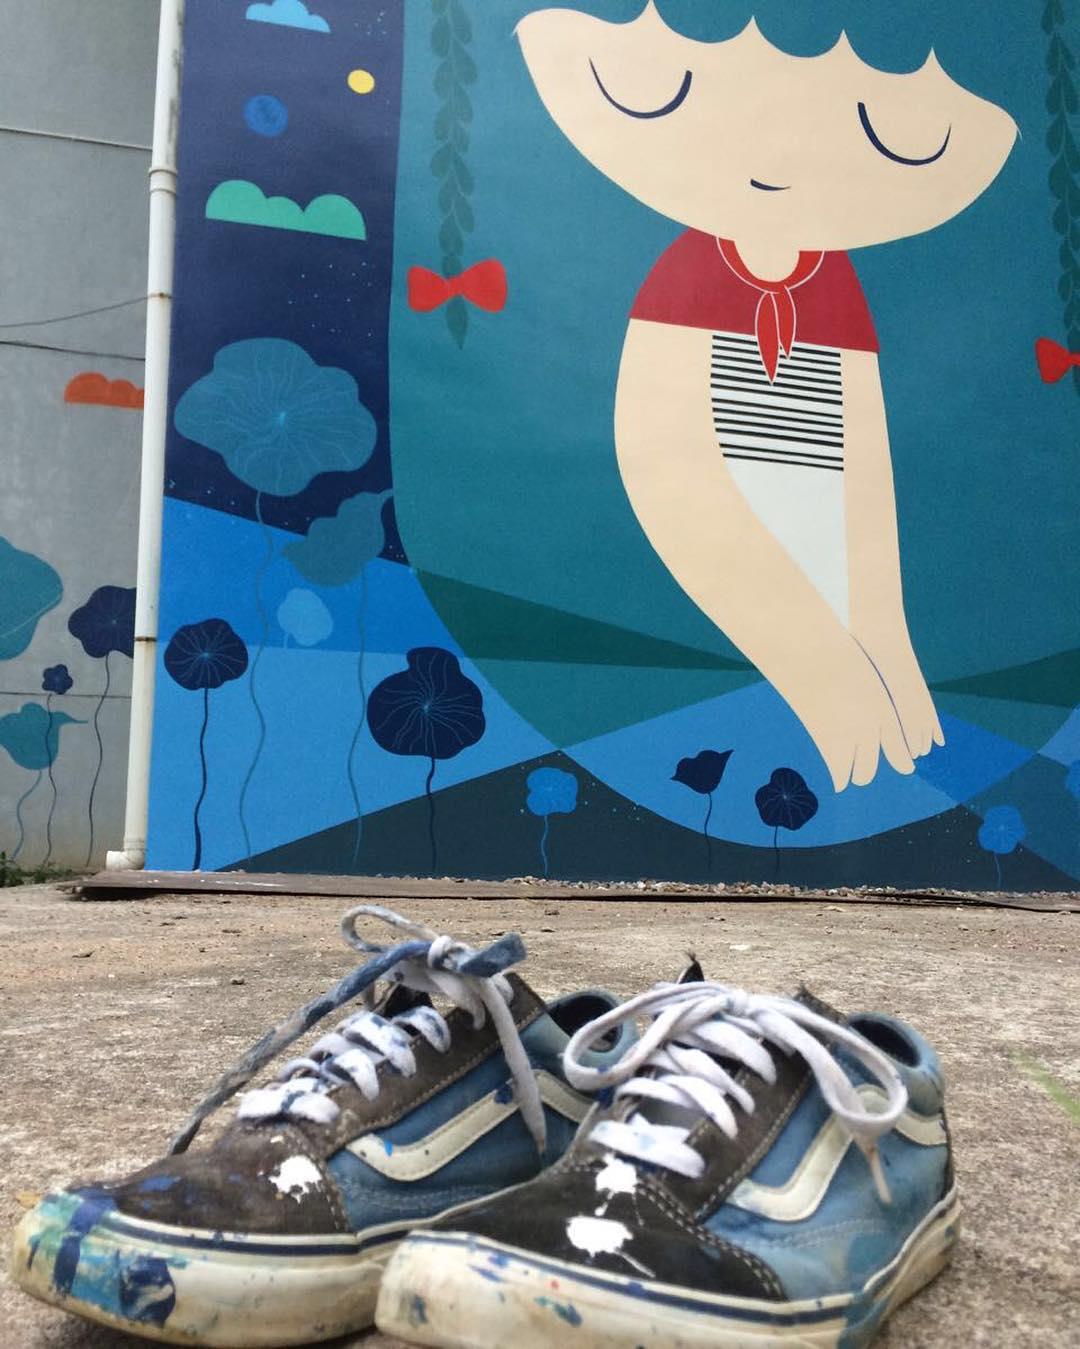 Pum Pum viajó a China y pintó terrible mural. Sus #OldSkool quedan allá, se las pidieron para una futura muestra de calzado de artistas